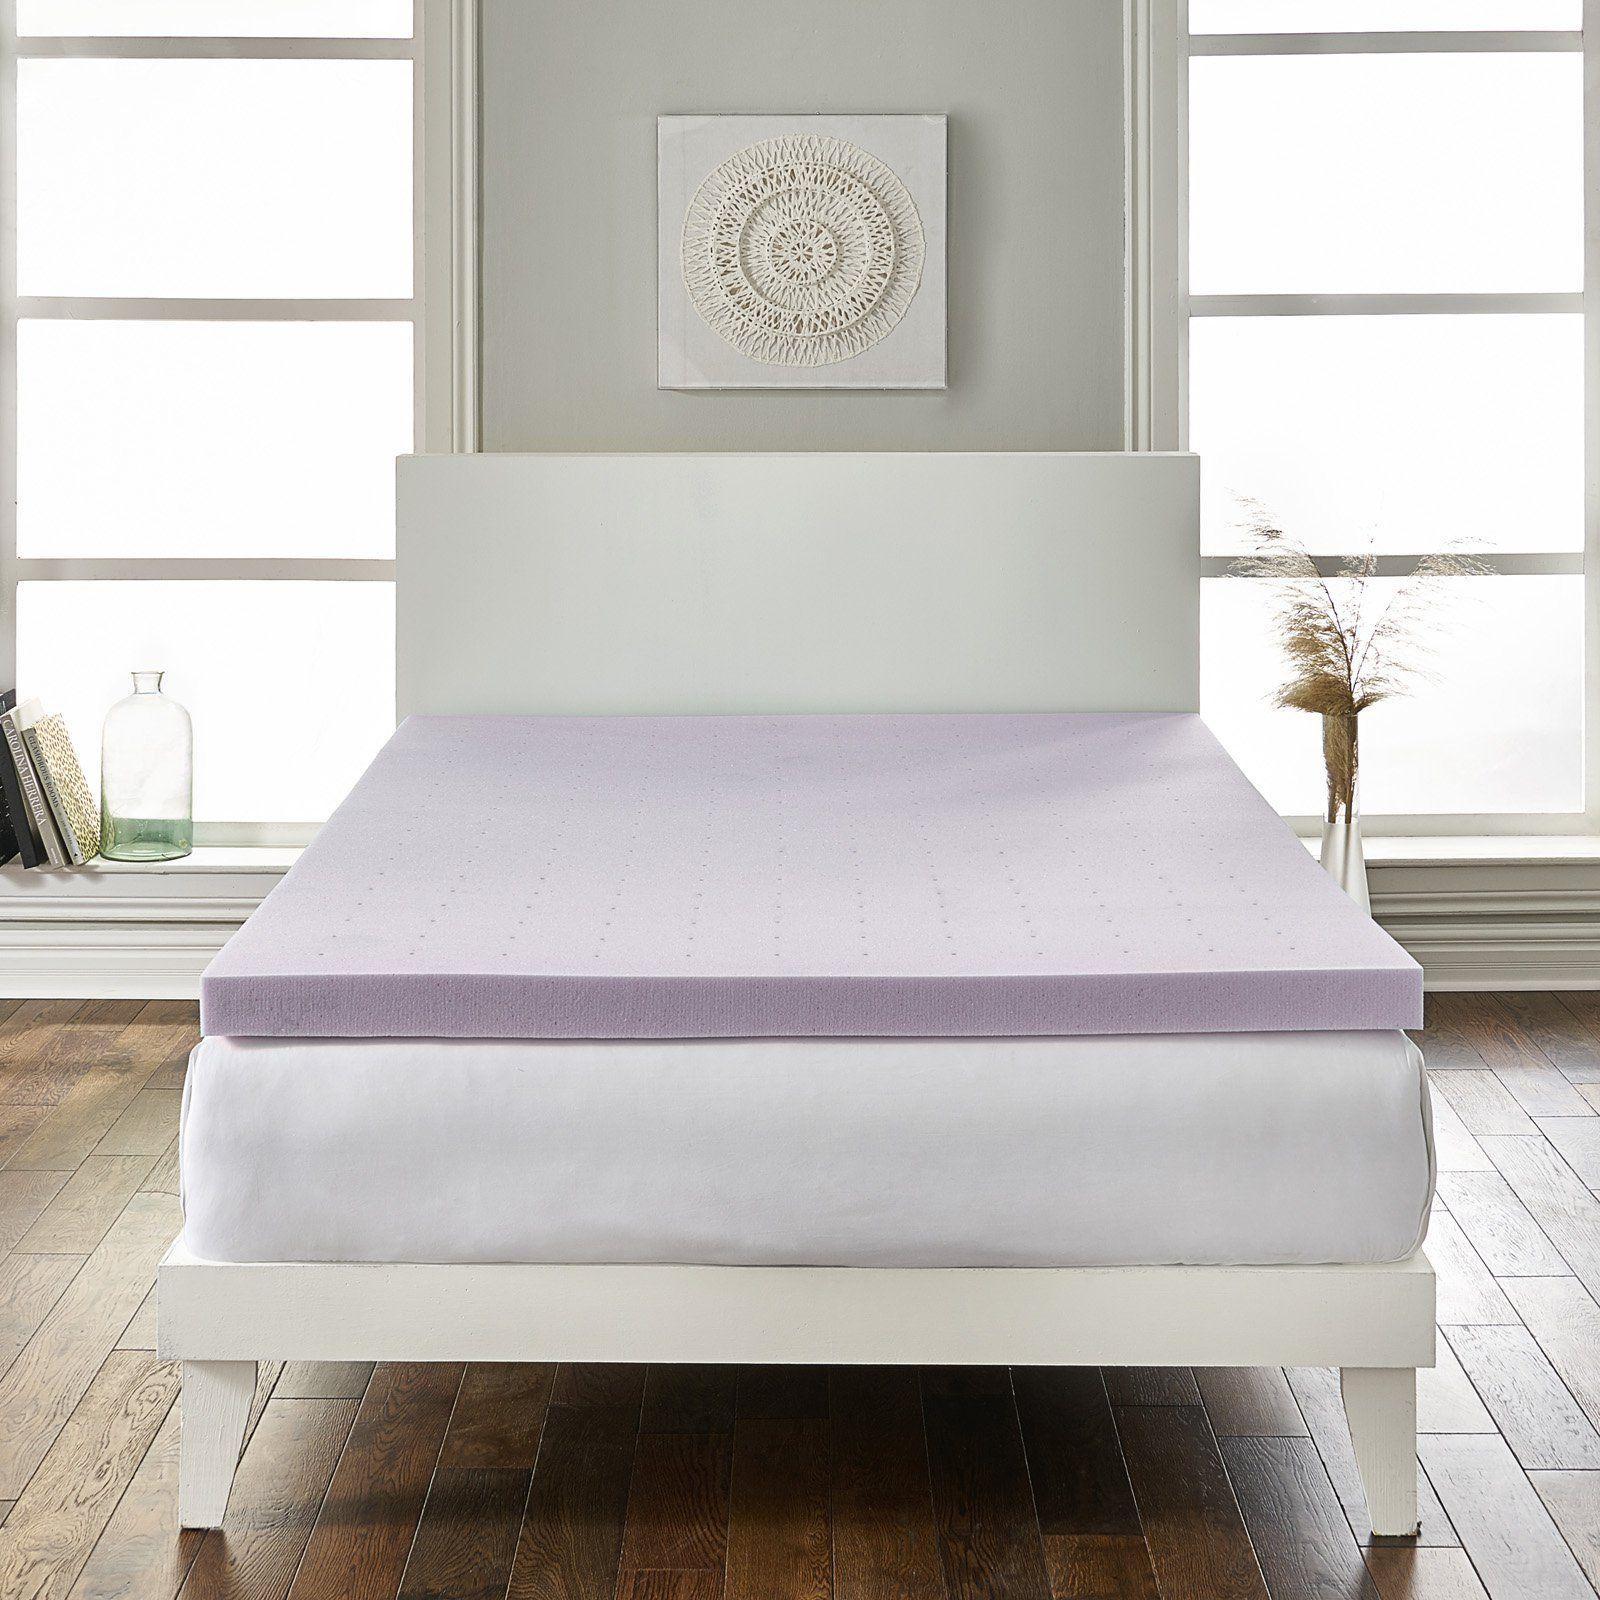 2 in. Lavender Infused Foam Mattress Topper by LoftWorks